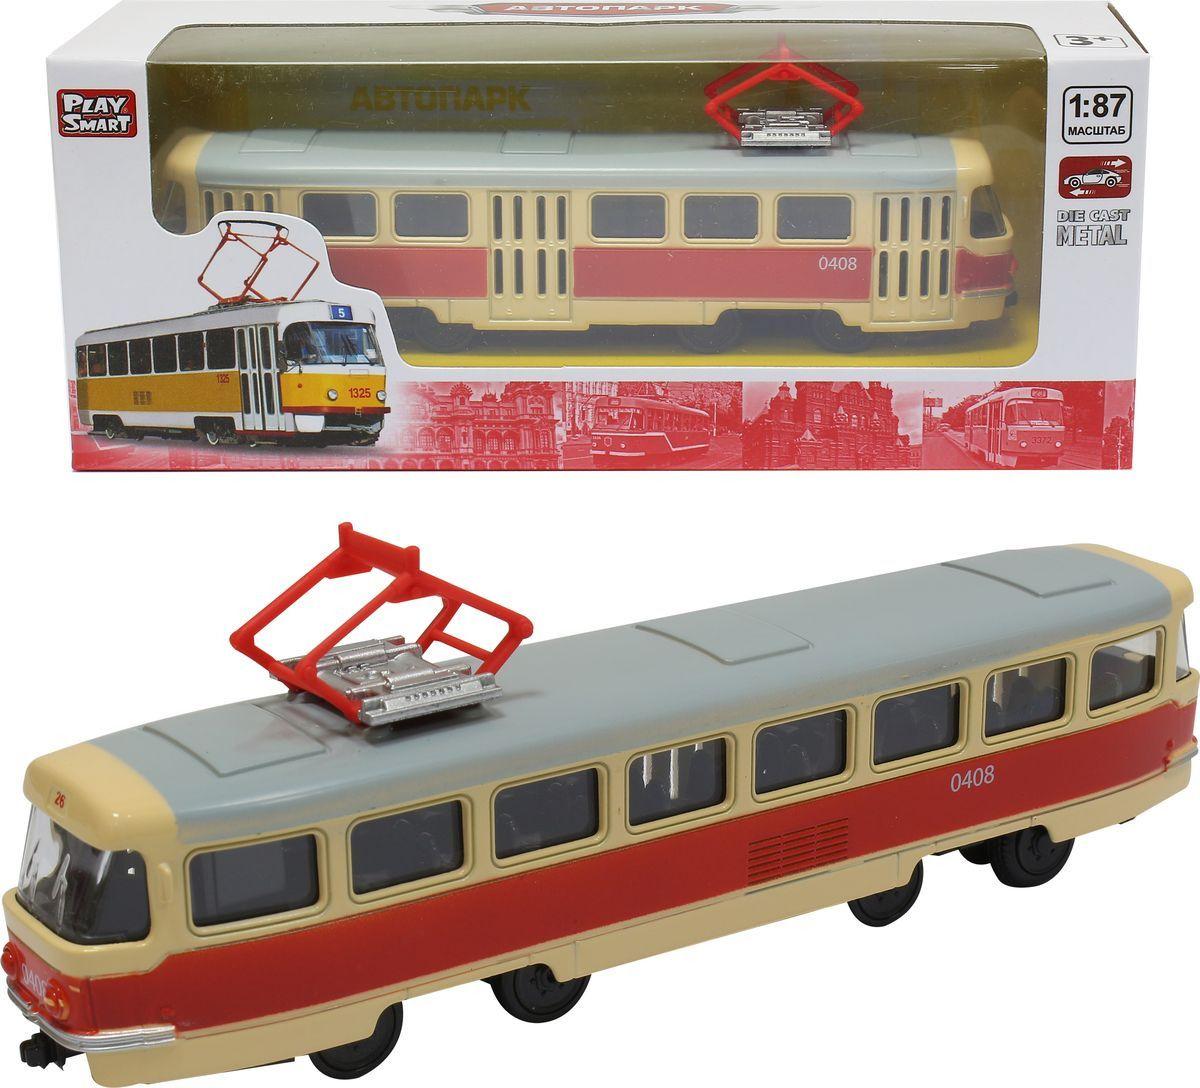 Купить Инерционный металлический трамвай, размер 16 x 6 x 8, 5 см., 1:87, Play Smart